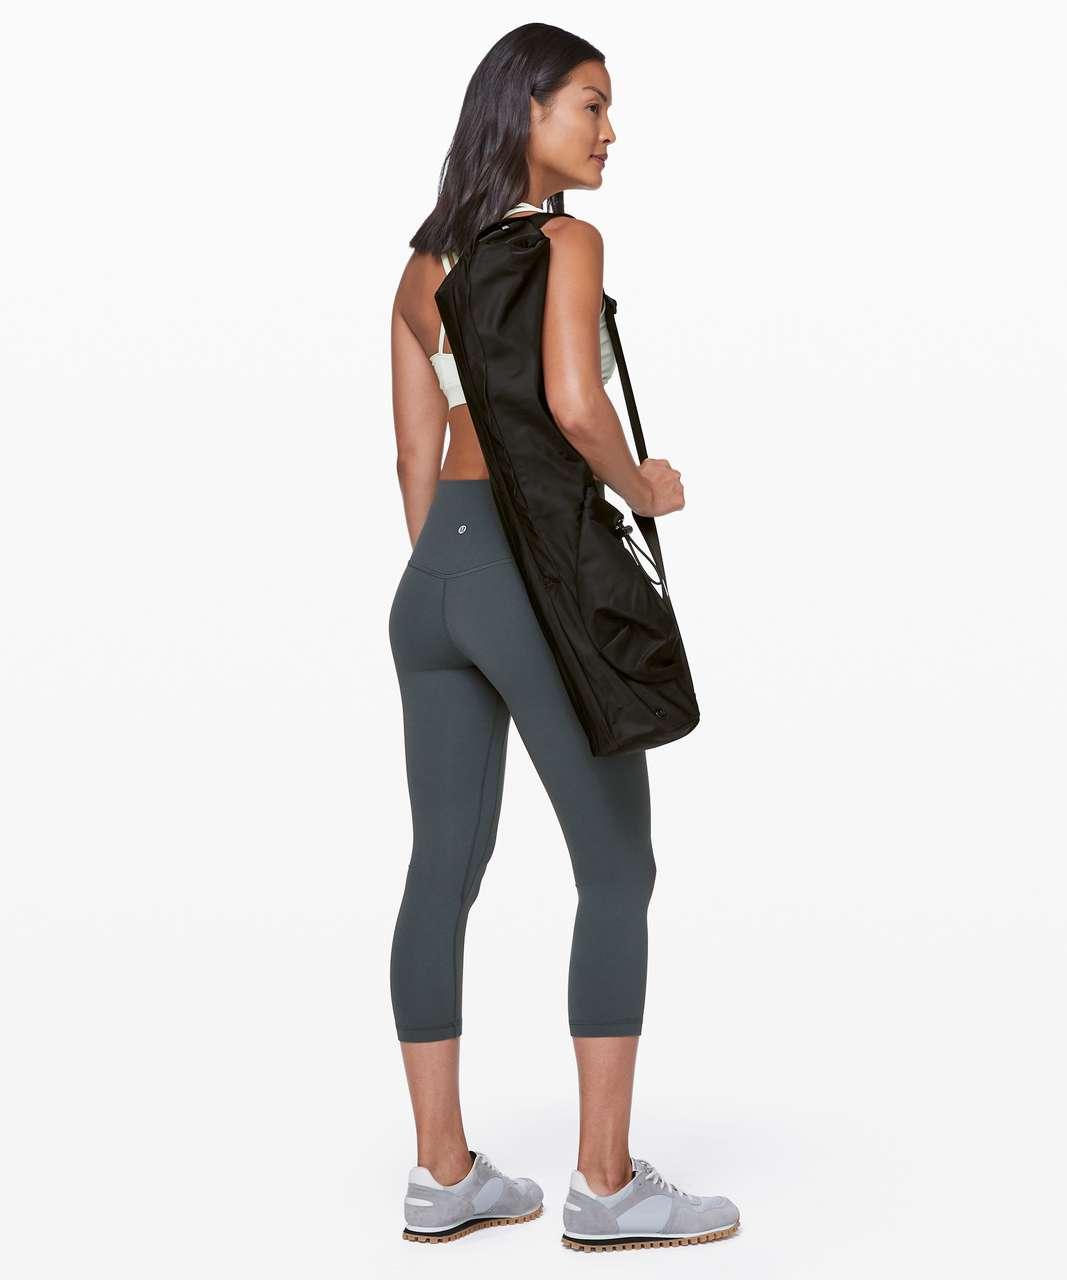 Lululemon The Yoga Mat Bag - Black